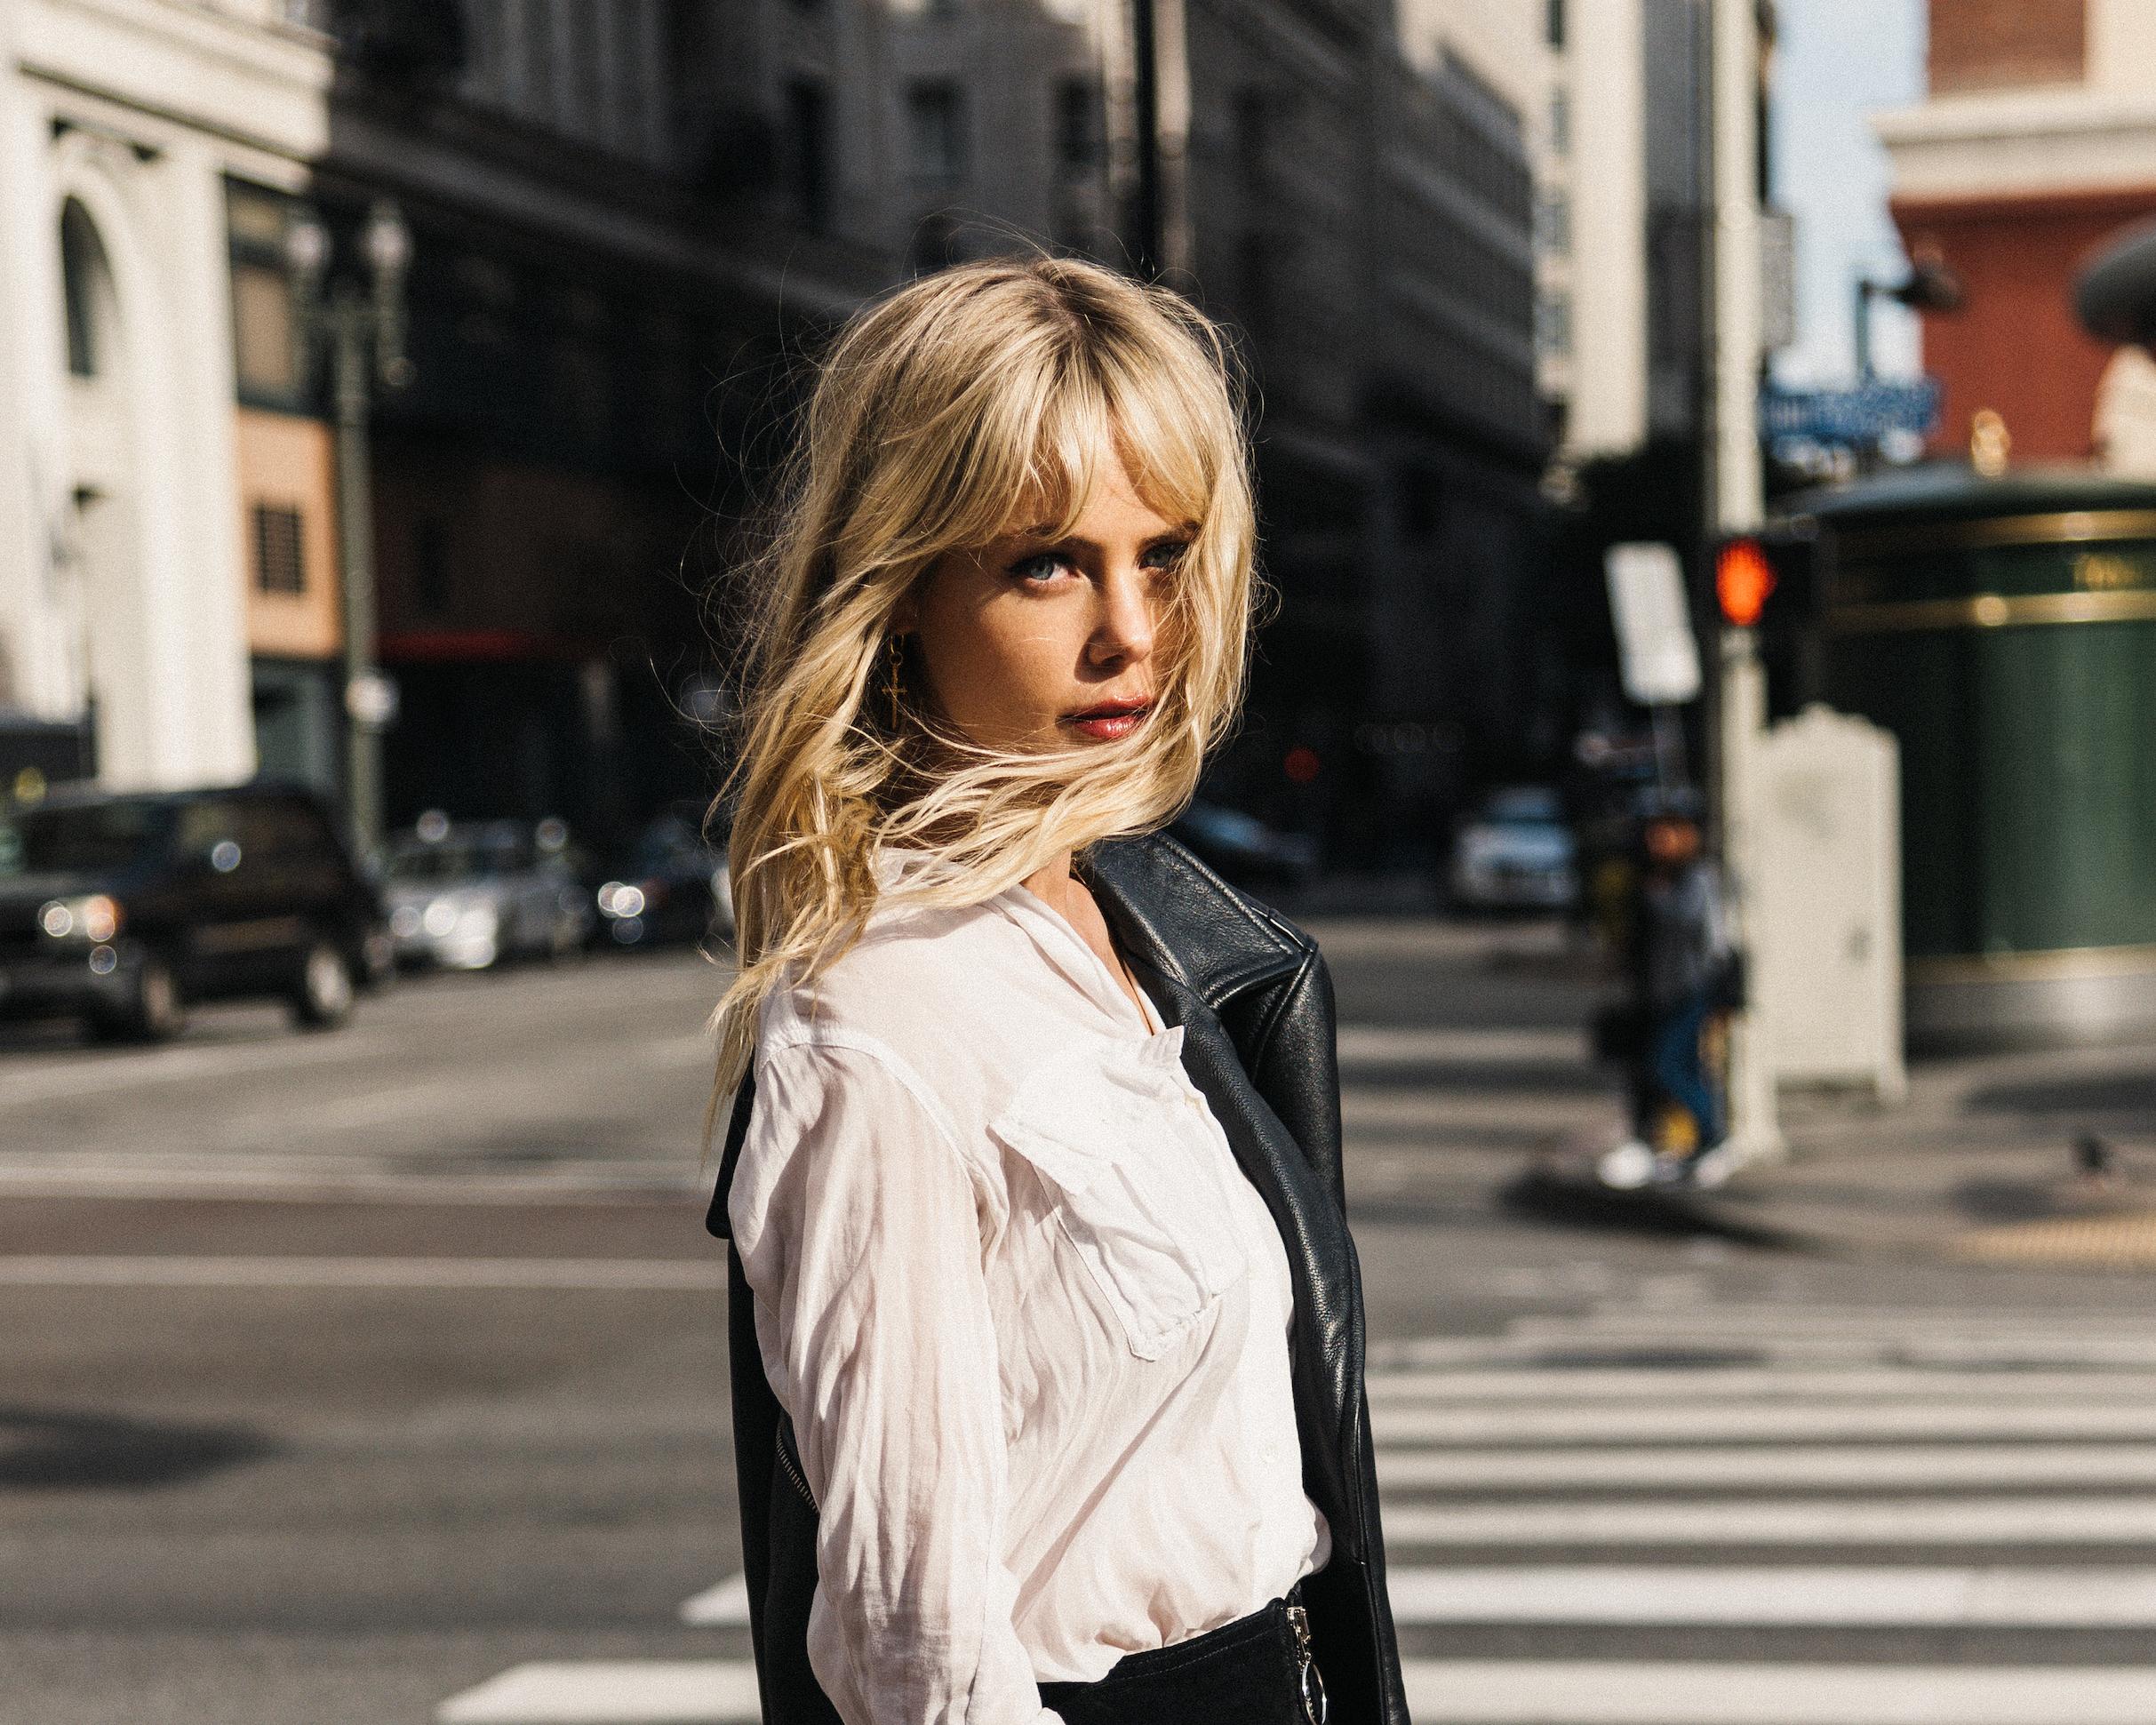 Goktug Kral Photo_Kylie Small MUA_Dylan Michael Hair_Kristen Kassinger Model6.jpg